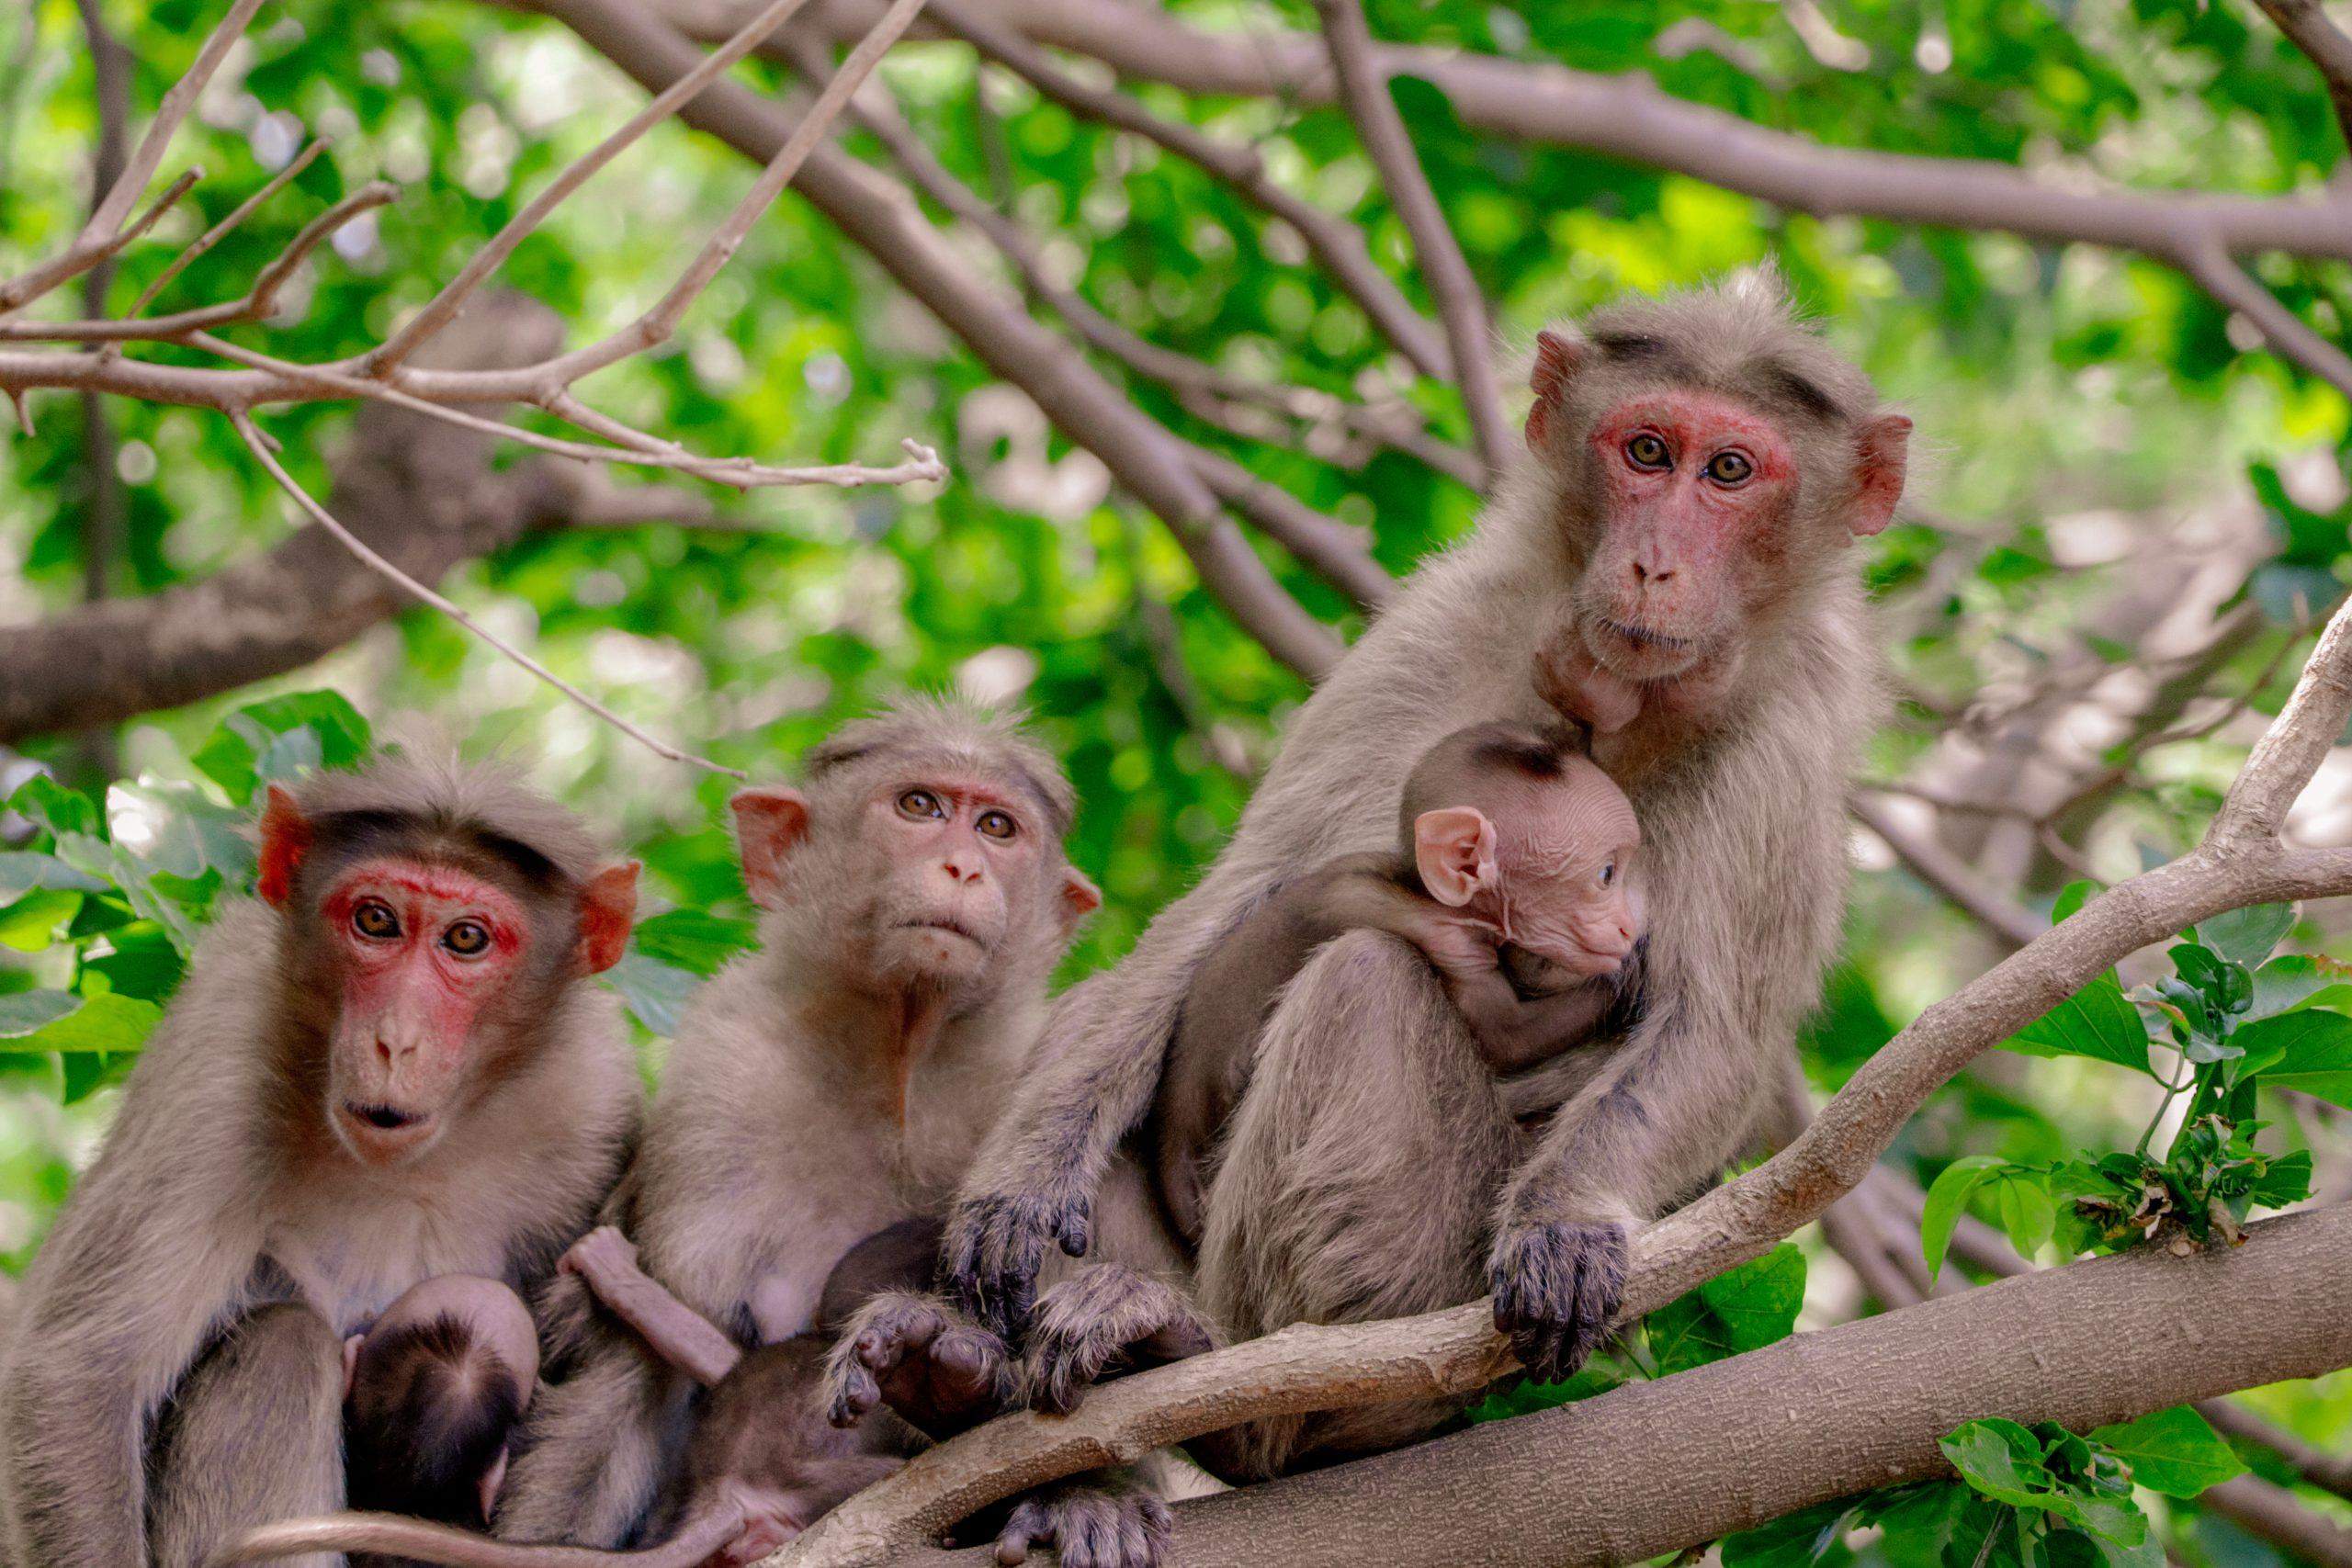 A troop of monkeys on a tree